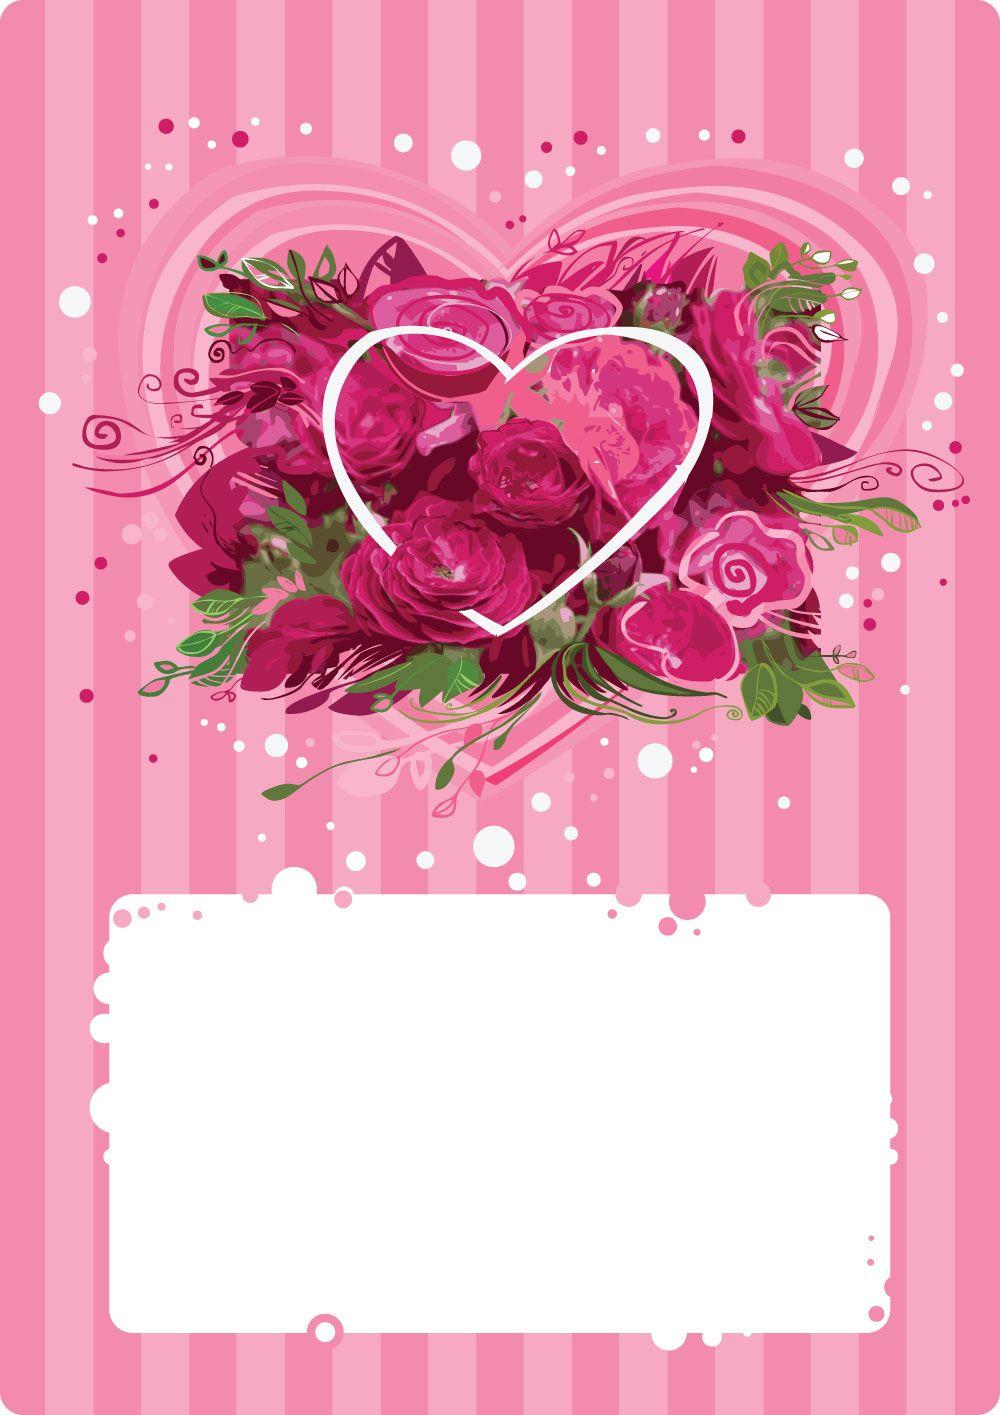 картинки с сердечками и цветами